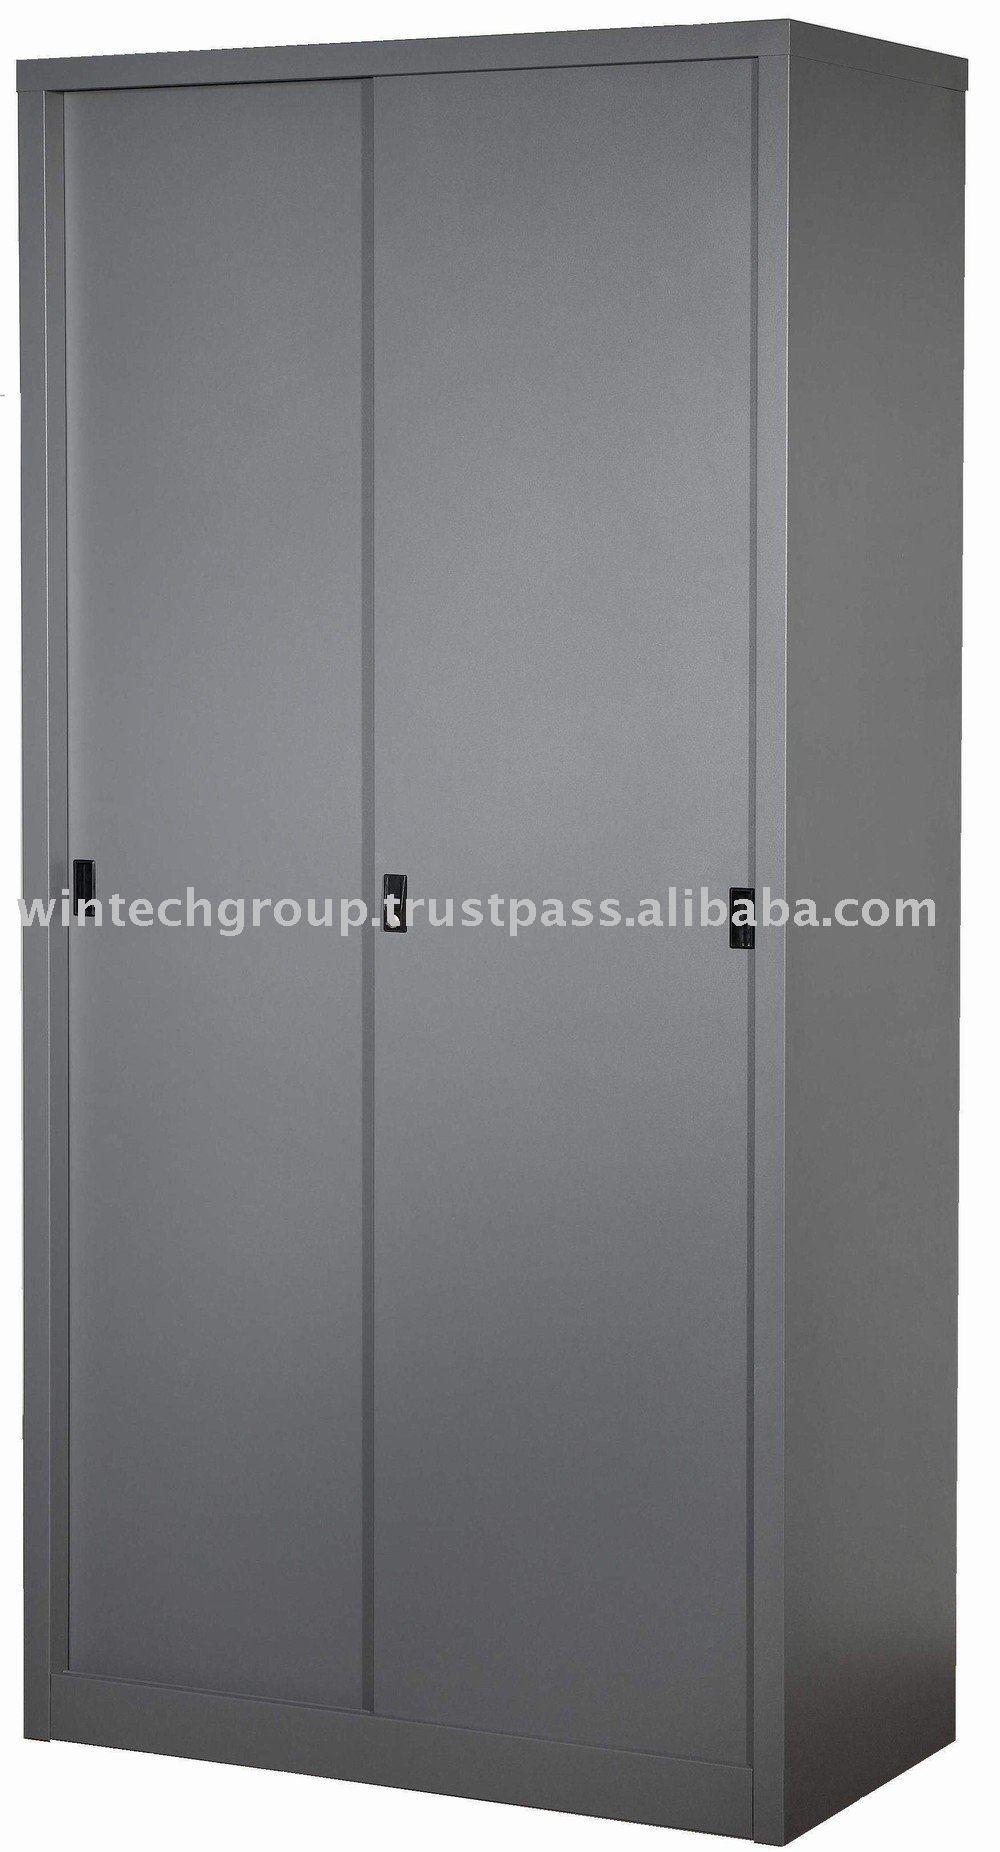 enclosed storage unit